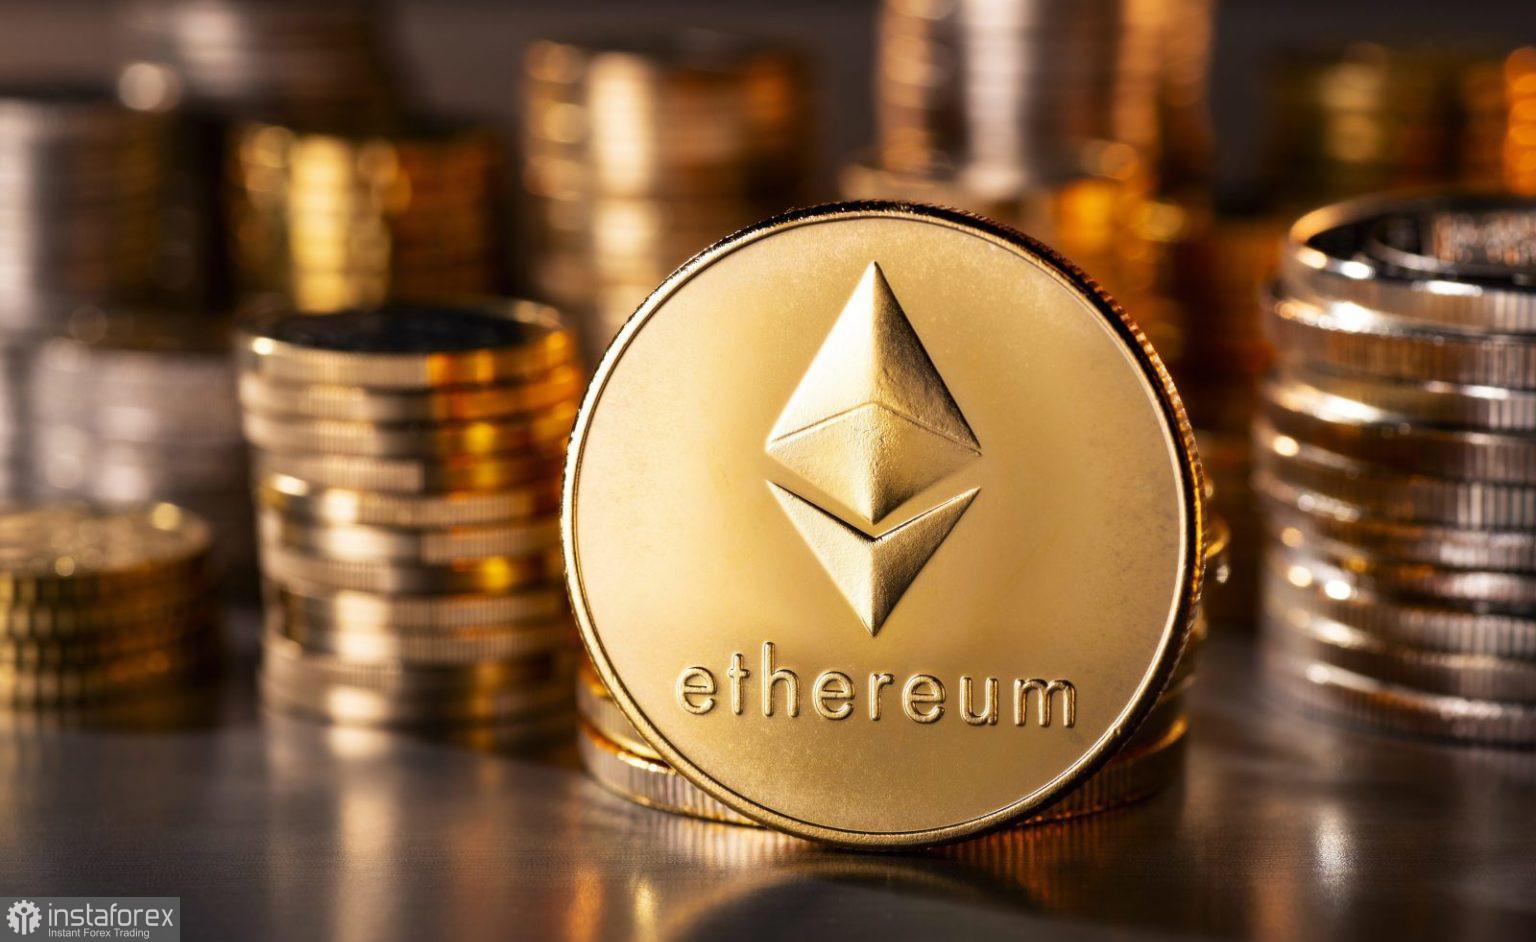 tranzacționarea bitcoin la ethereum